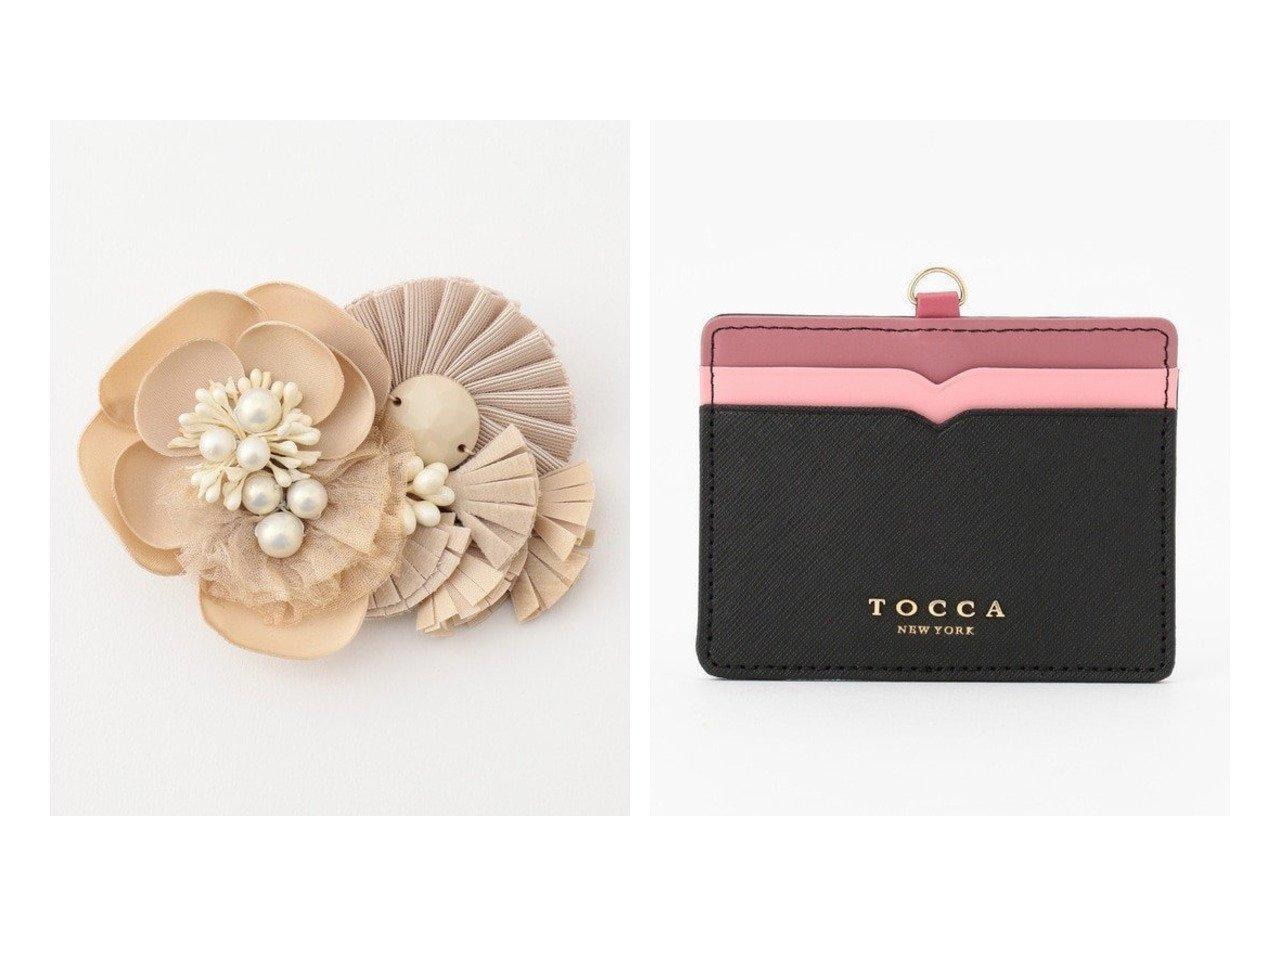 【TOCCA/トッカ】のATELIERSENKA FLORA ブローチ&PRIMULA PETAL ID HOLDER IDホルダー TOCCAのおすすめ!人気、トレンド・レディースファッションの通販  おすすめで人気の流行・トレンド、ファッションの通販商品 メンズファッション・キッズファッション・インテリア・家具・レディースファッション・服の通販 founy(ファニー) https://founy.com/ ファッション Fashion レディースファッション WOMEN 財布 Wallets 送料無料 Free Shipping 2021年 2021 2021 春夏 S/S SS Spring/Summer 2021 S/S 春夏 SS Spring/Summer エレガント パール ビジュー フォルム フラワー ブローチ モダン カラフル コンパクト ラップ リュクス 財布  ID:crp329100000017777